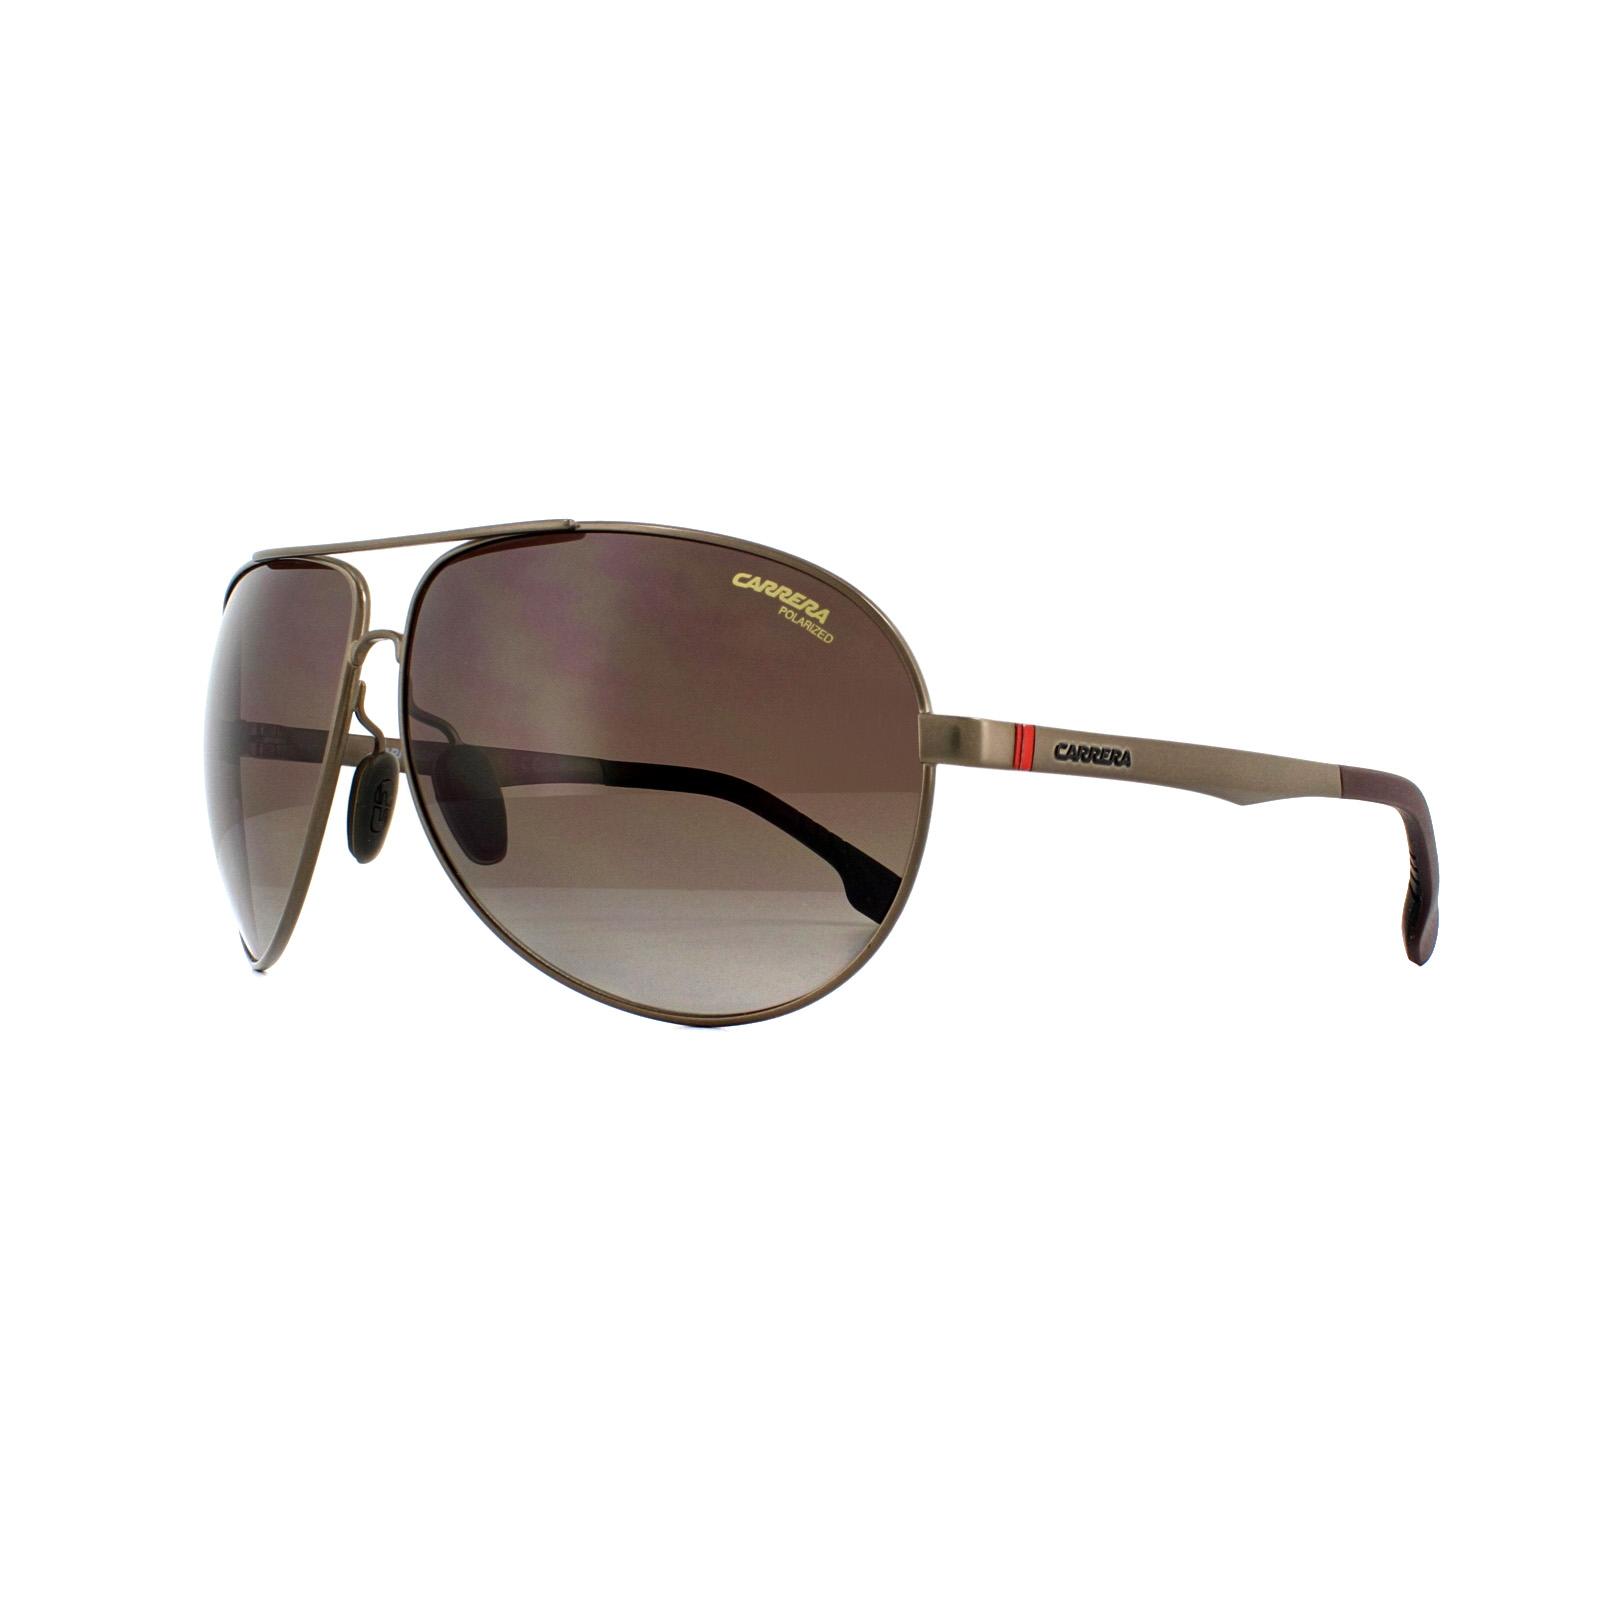 Sentinel Carrera Sunglasses Carrera 8023 4IN LA Matt Brown Brown Gradient  Polarized fc09597e217